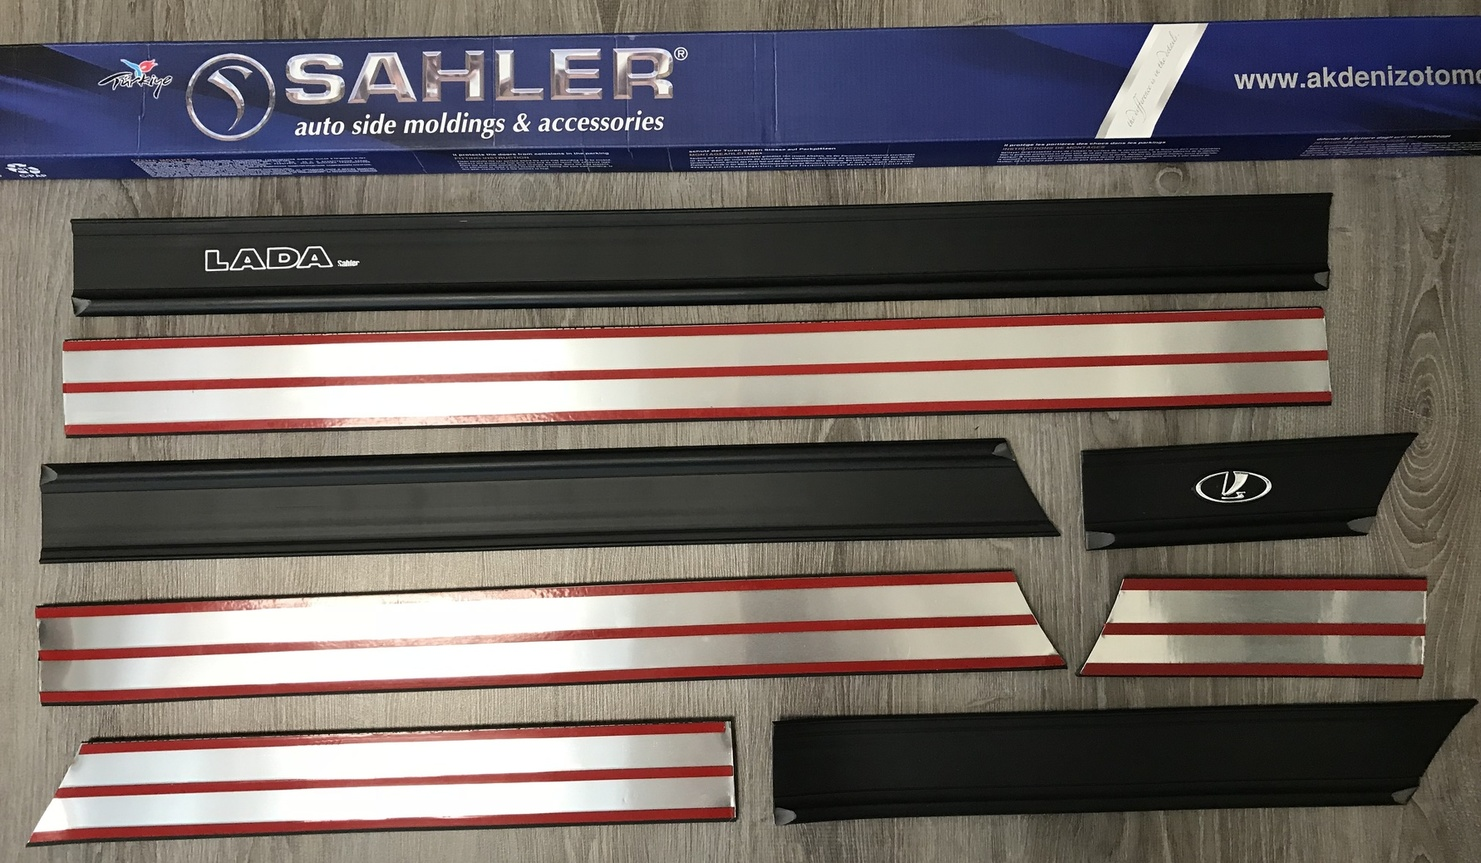 Молдинги на ВАЗ 2106, 2107, 2101 SAHLER - купить накладки на двери LADA полуширокий